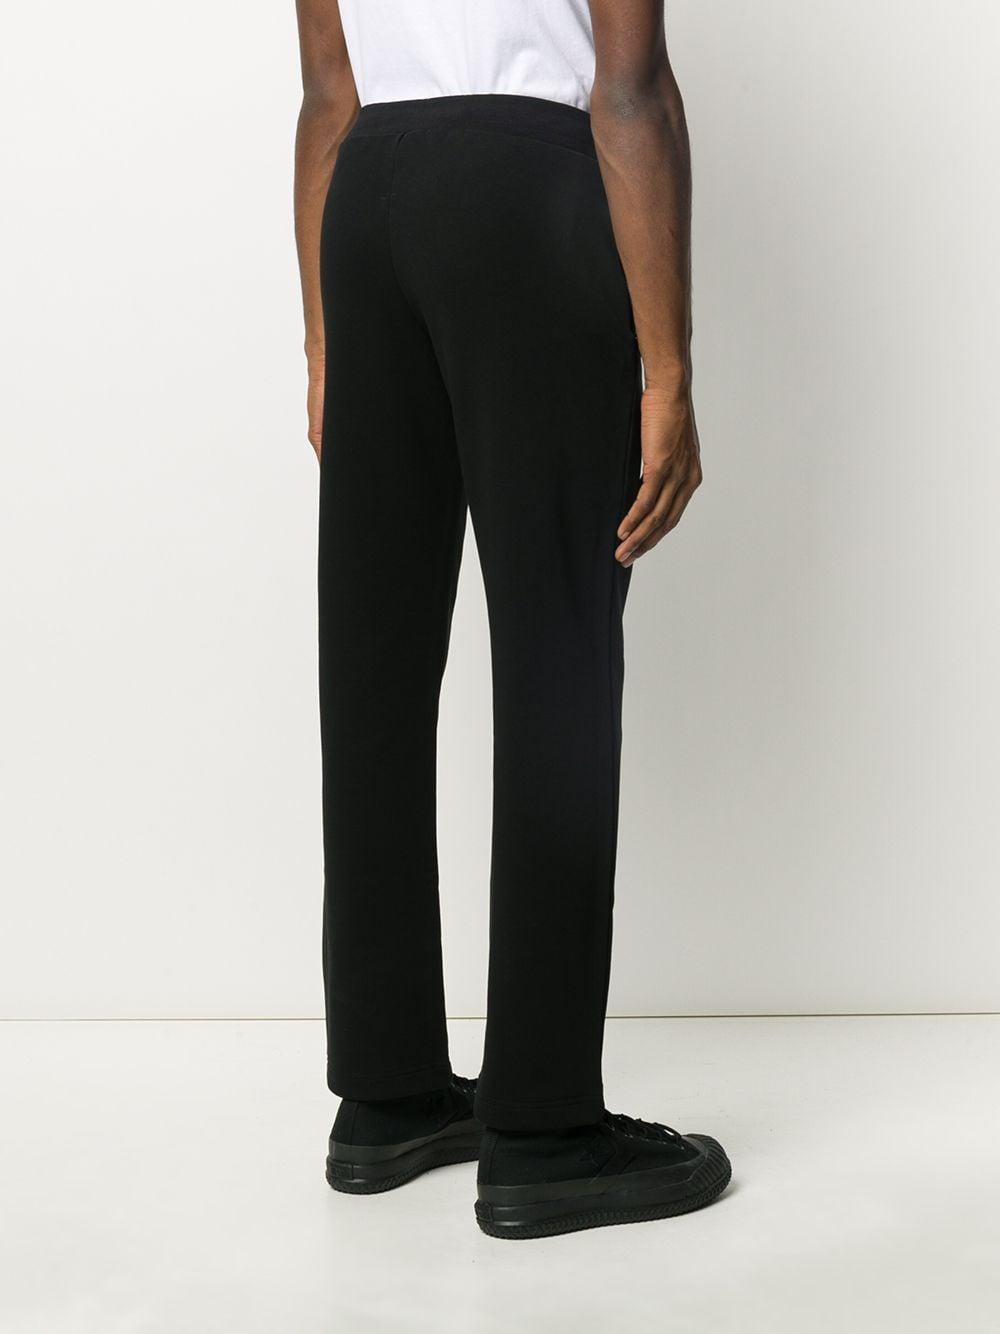 Moschino Katoen Trainingsbroek Met Print in het Zwart voor heren